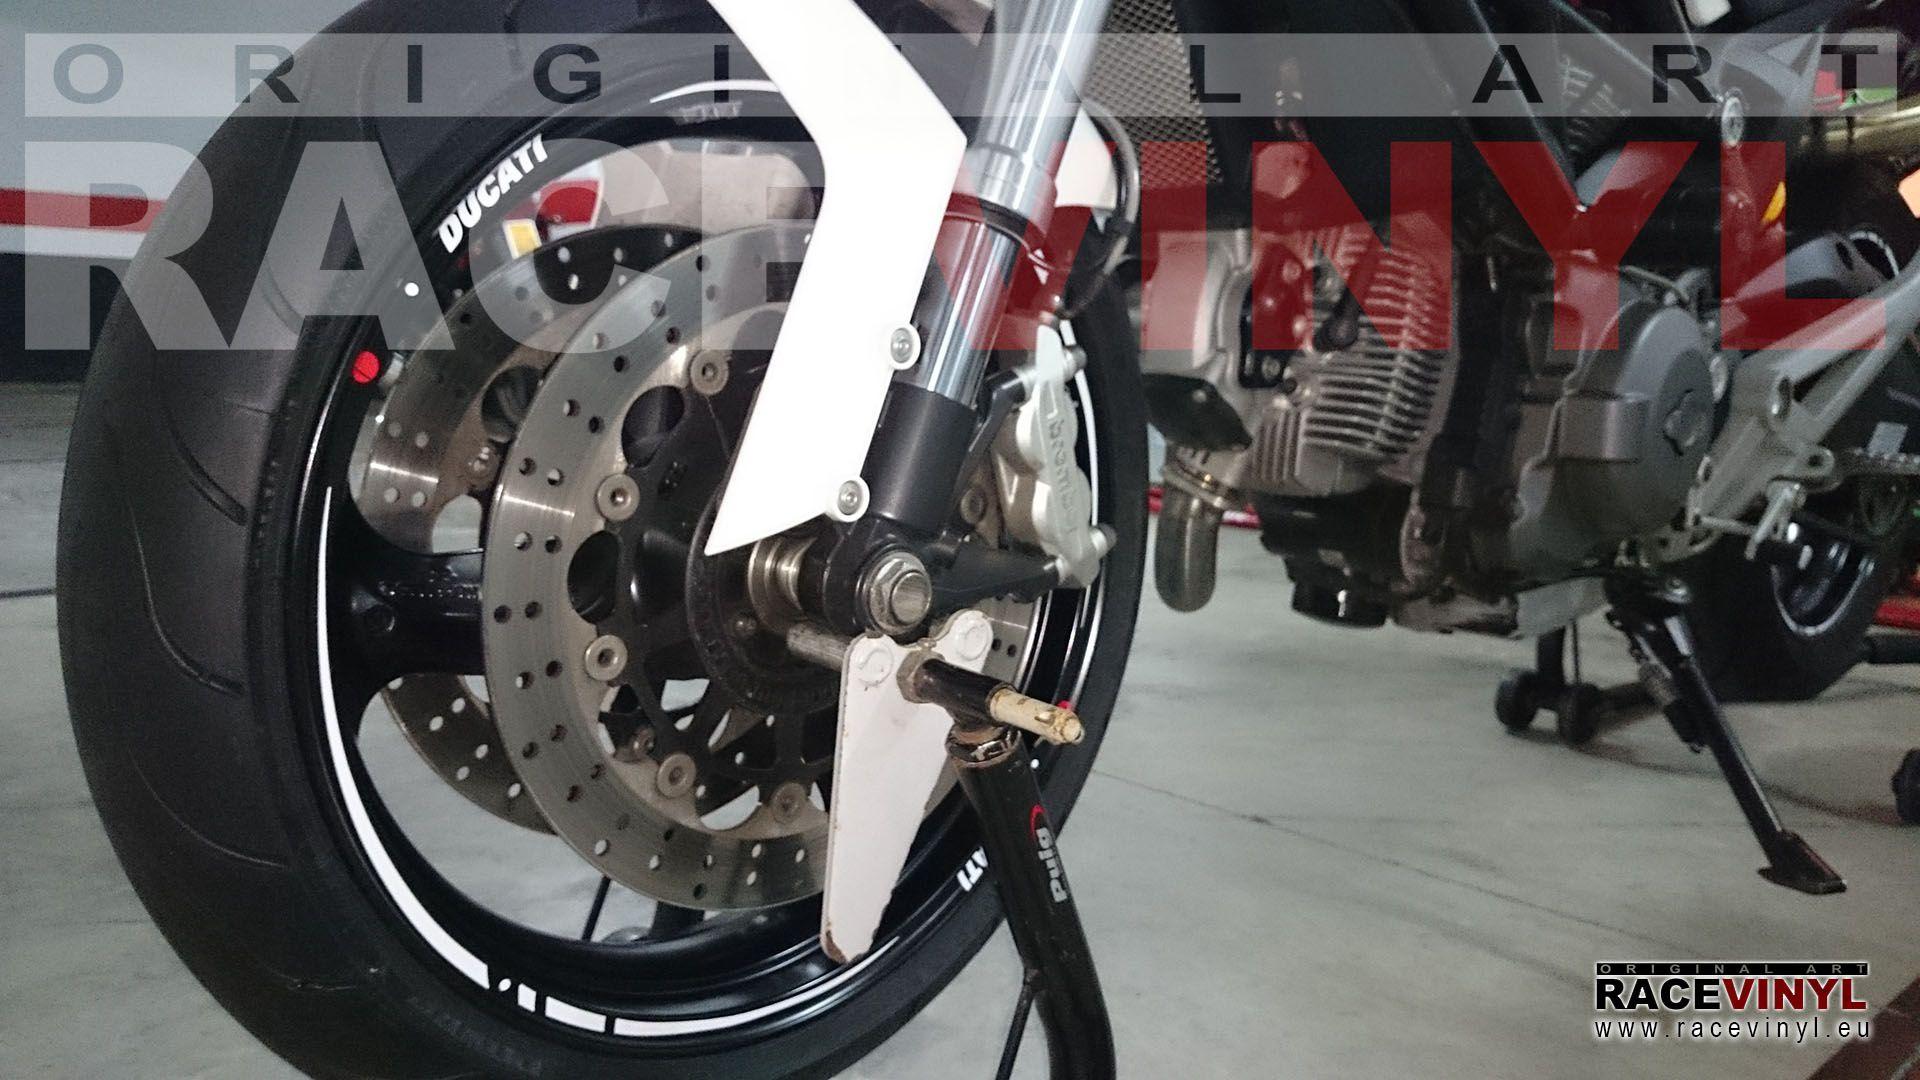 ducati monster 696 tuneada vinilos llantas racevinyl rueda delantera